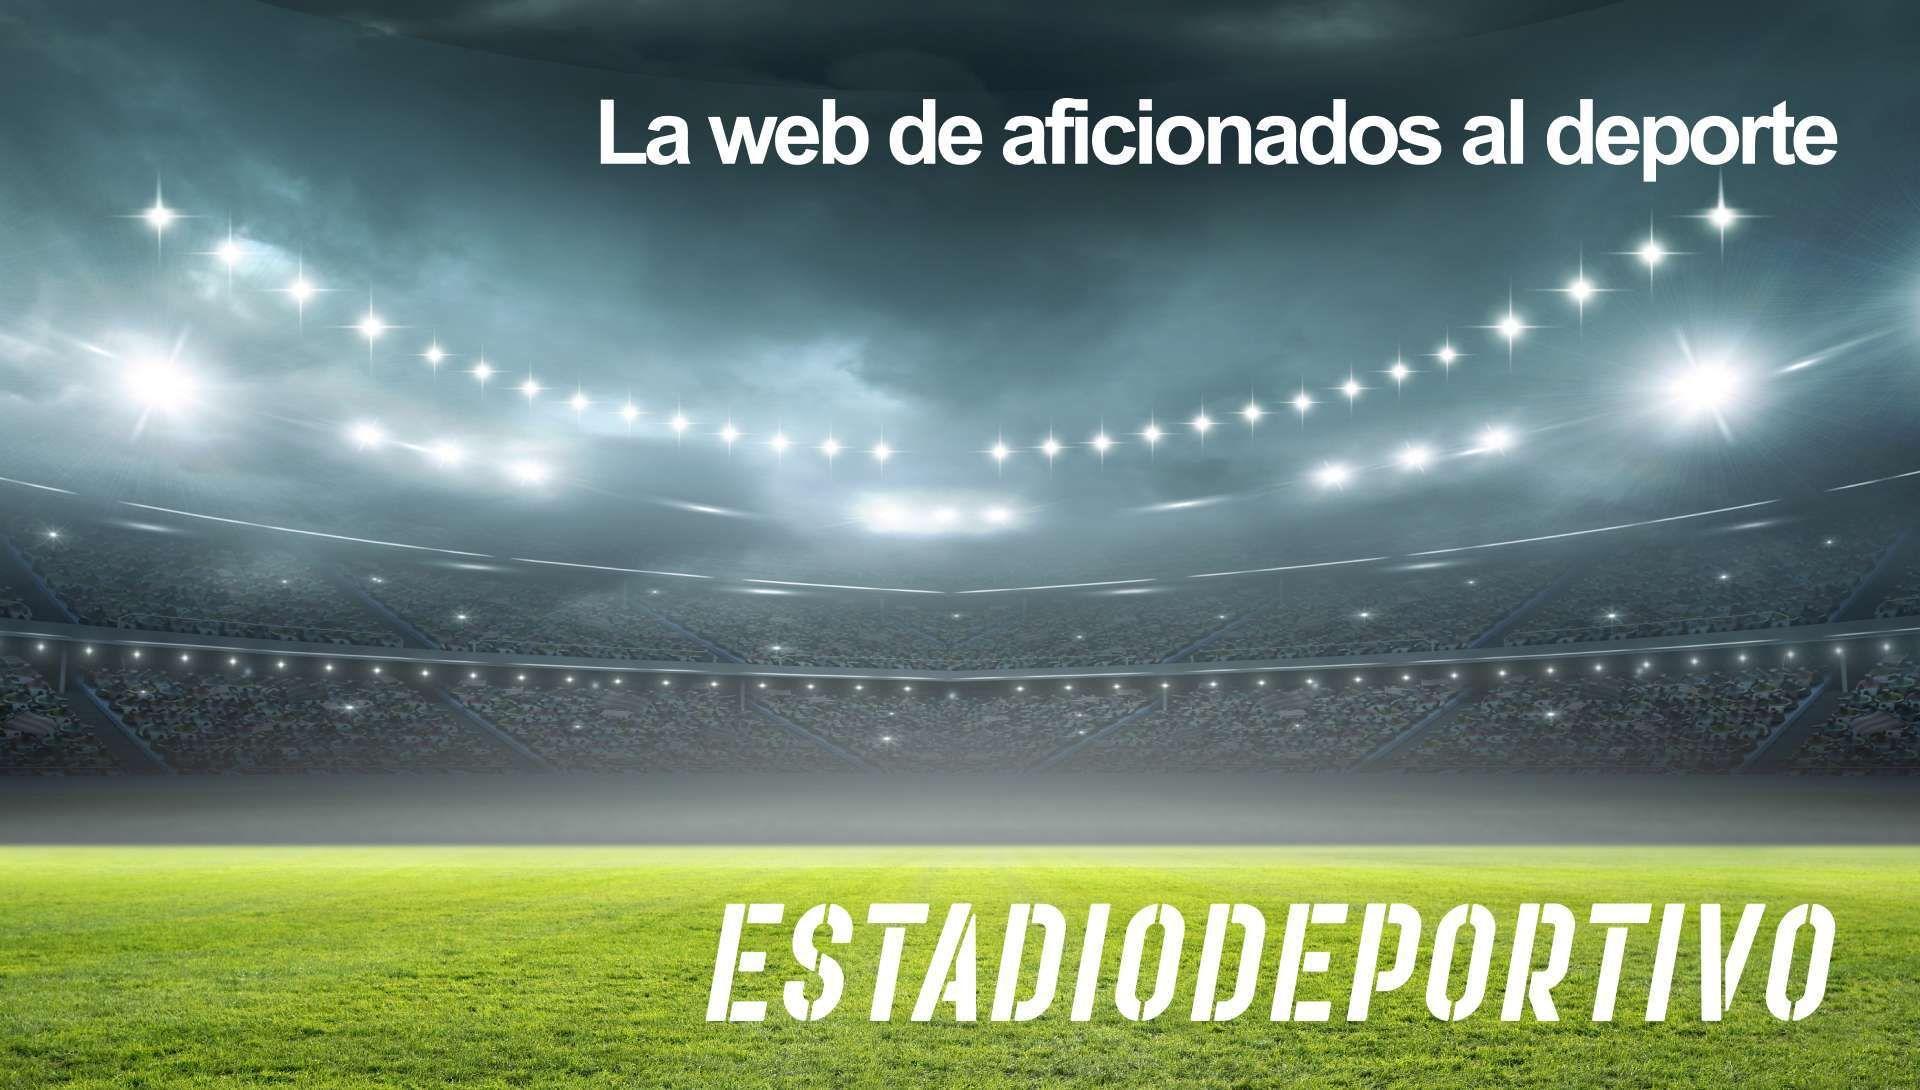 Las portadas deportivas del viernes 3 de septiembre